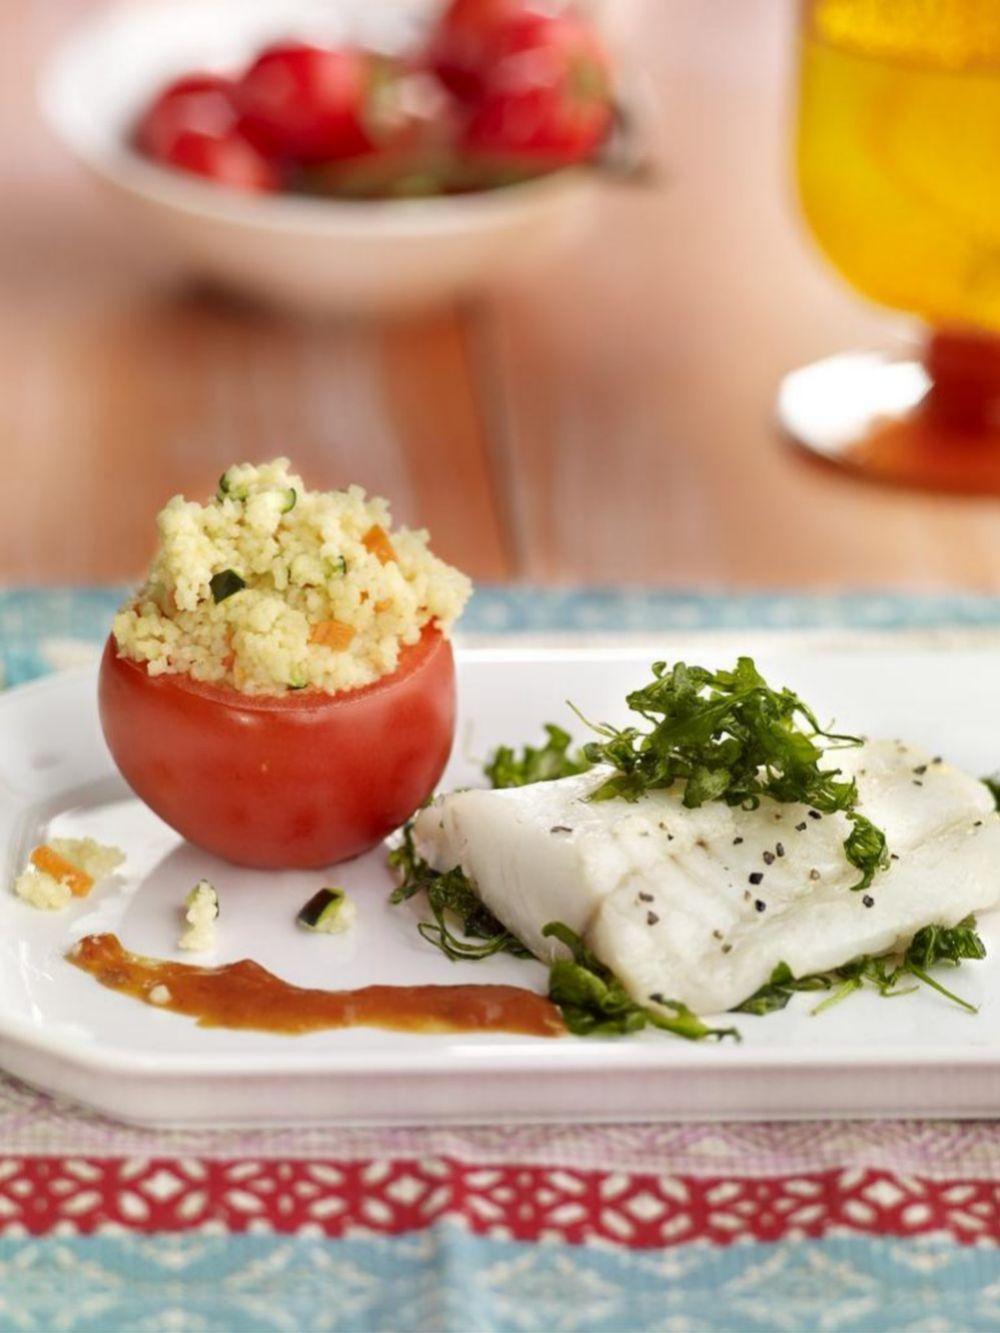 En tu plato siempre proteínas de buena calidad, carbohidratos de absorción lenta y grasas saludables.